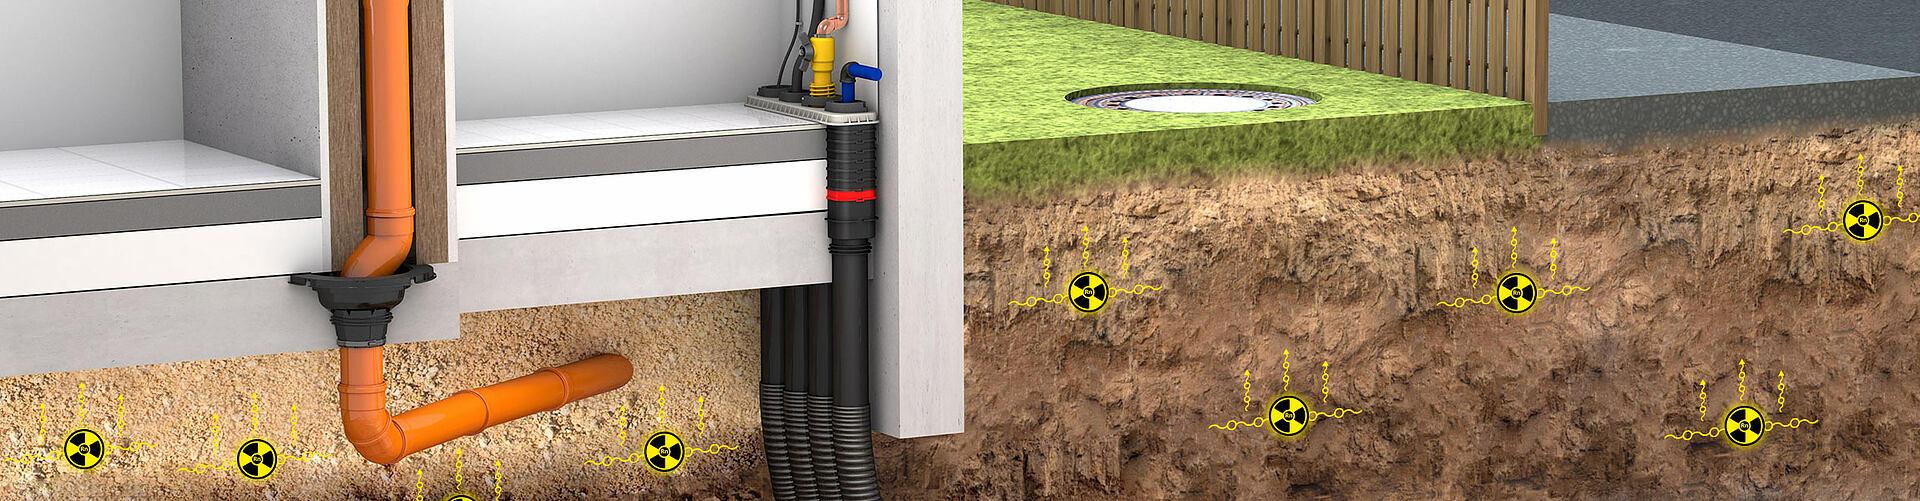 Gradnja sigurna po pitanju radona.